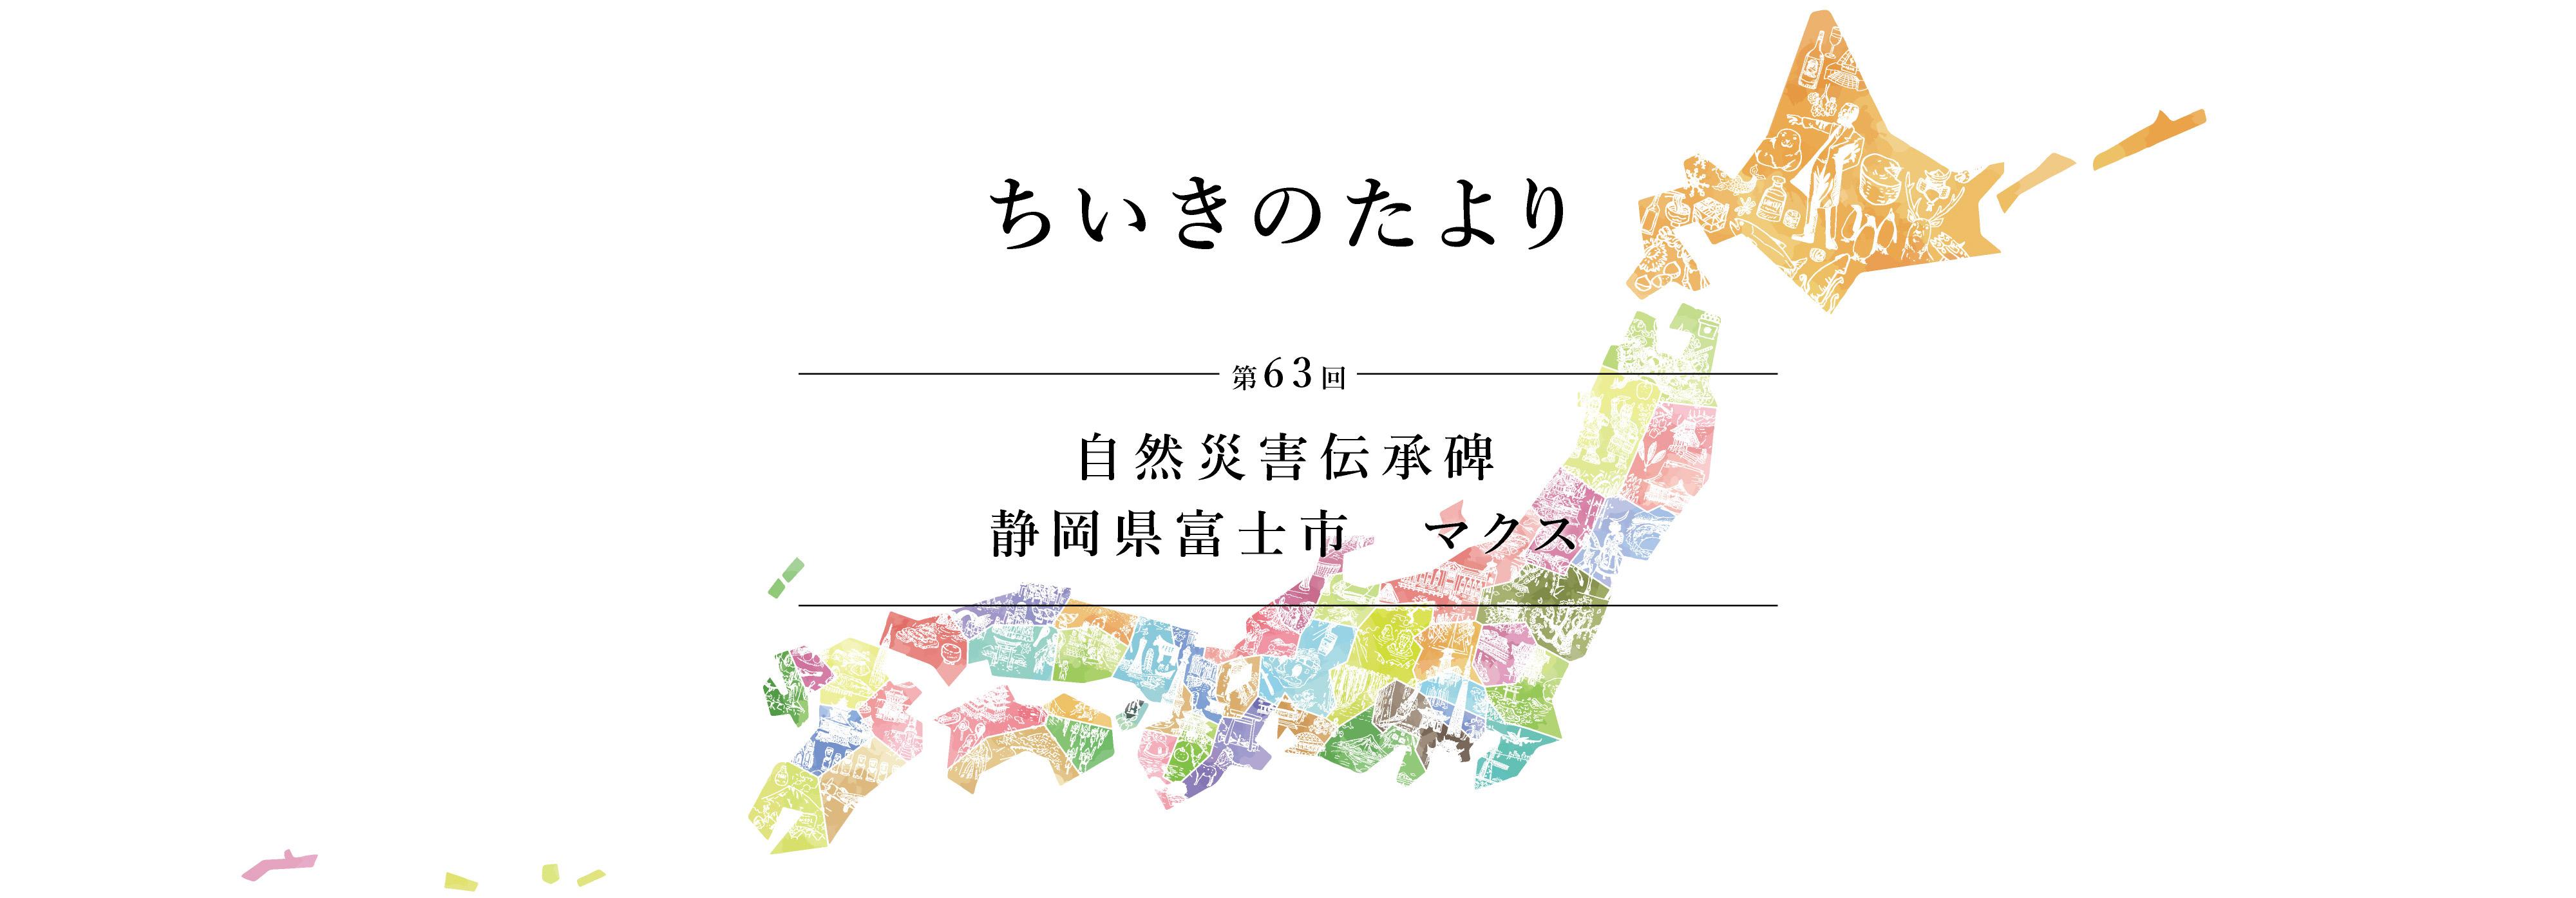 ちいきのたより第63回自然災害伝承碑静岡県富士市マクス